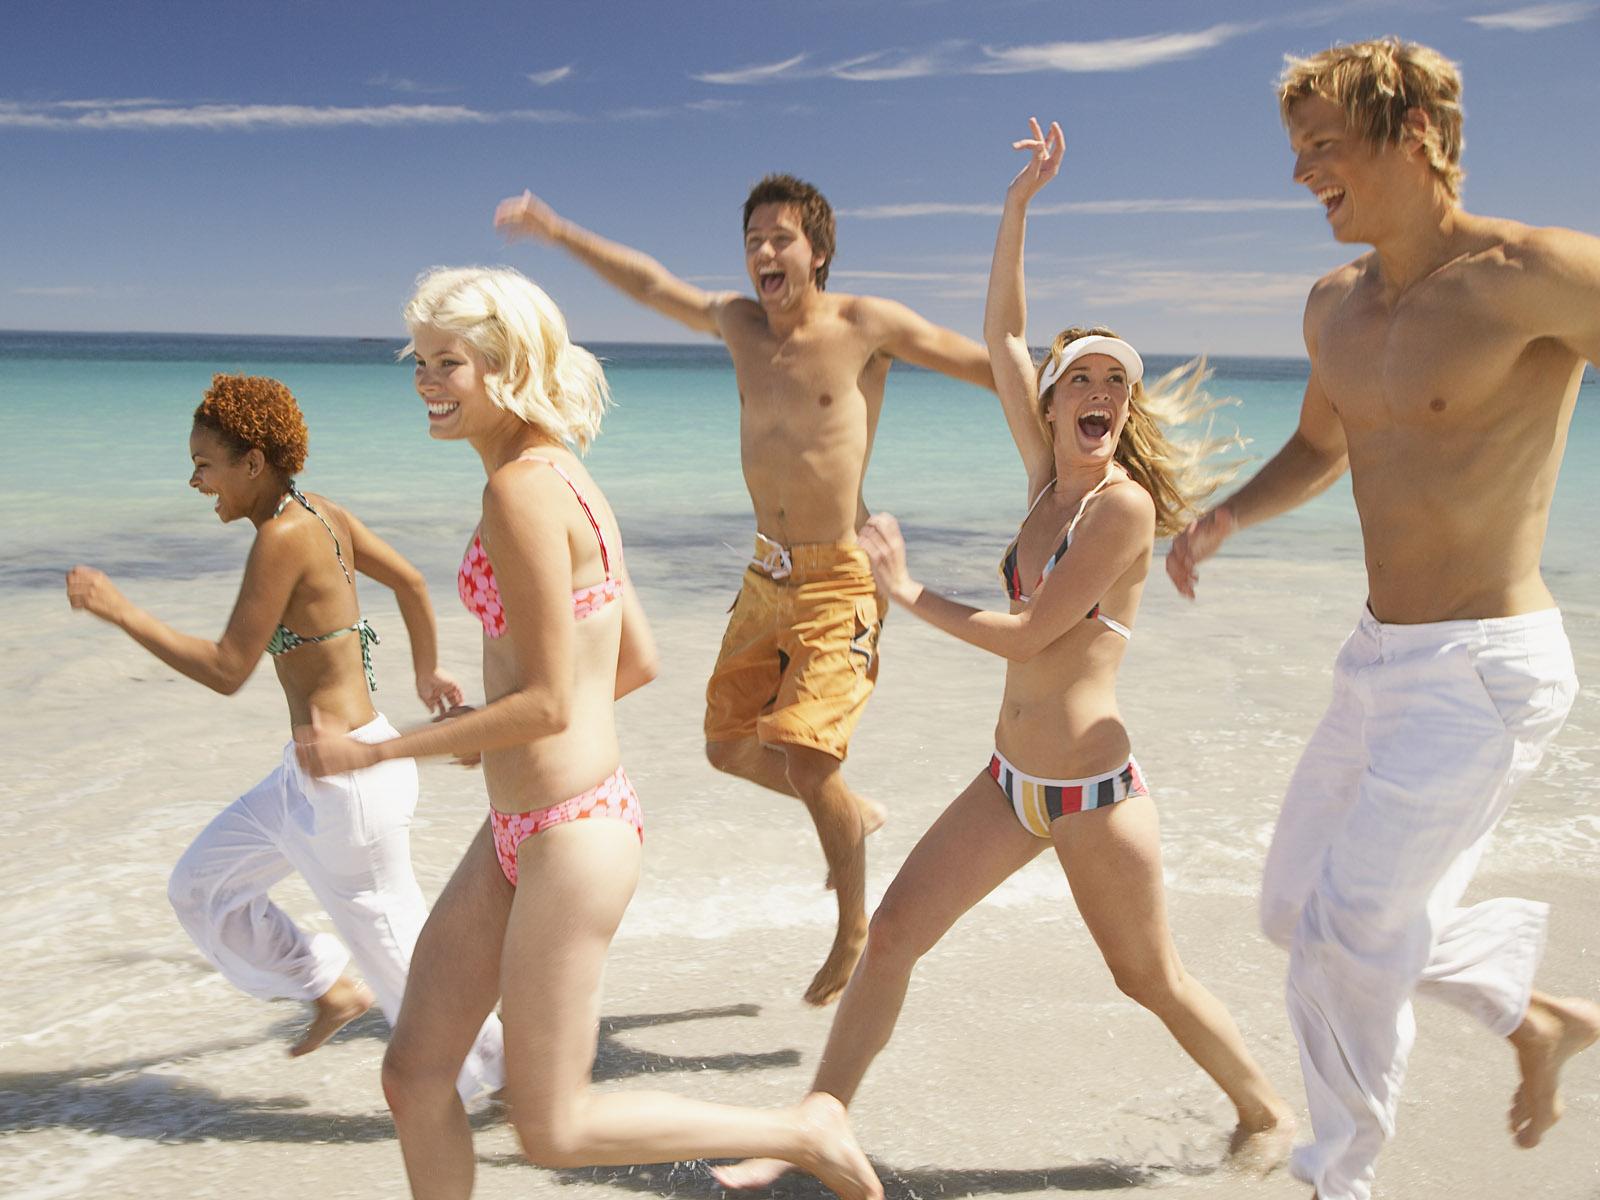 Развлечения голых девочек на курортах 19 фотография